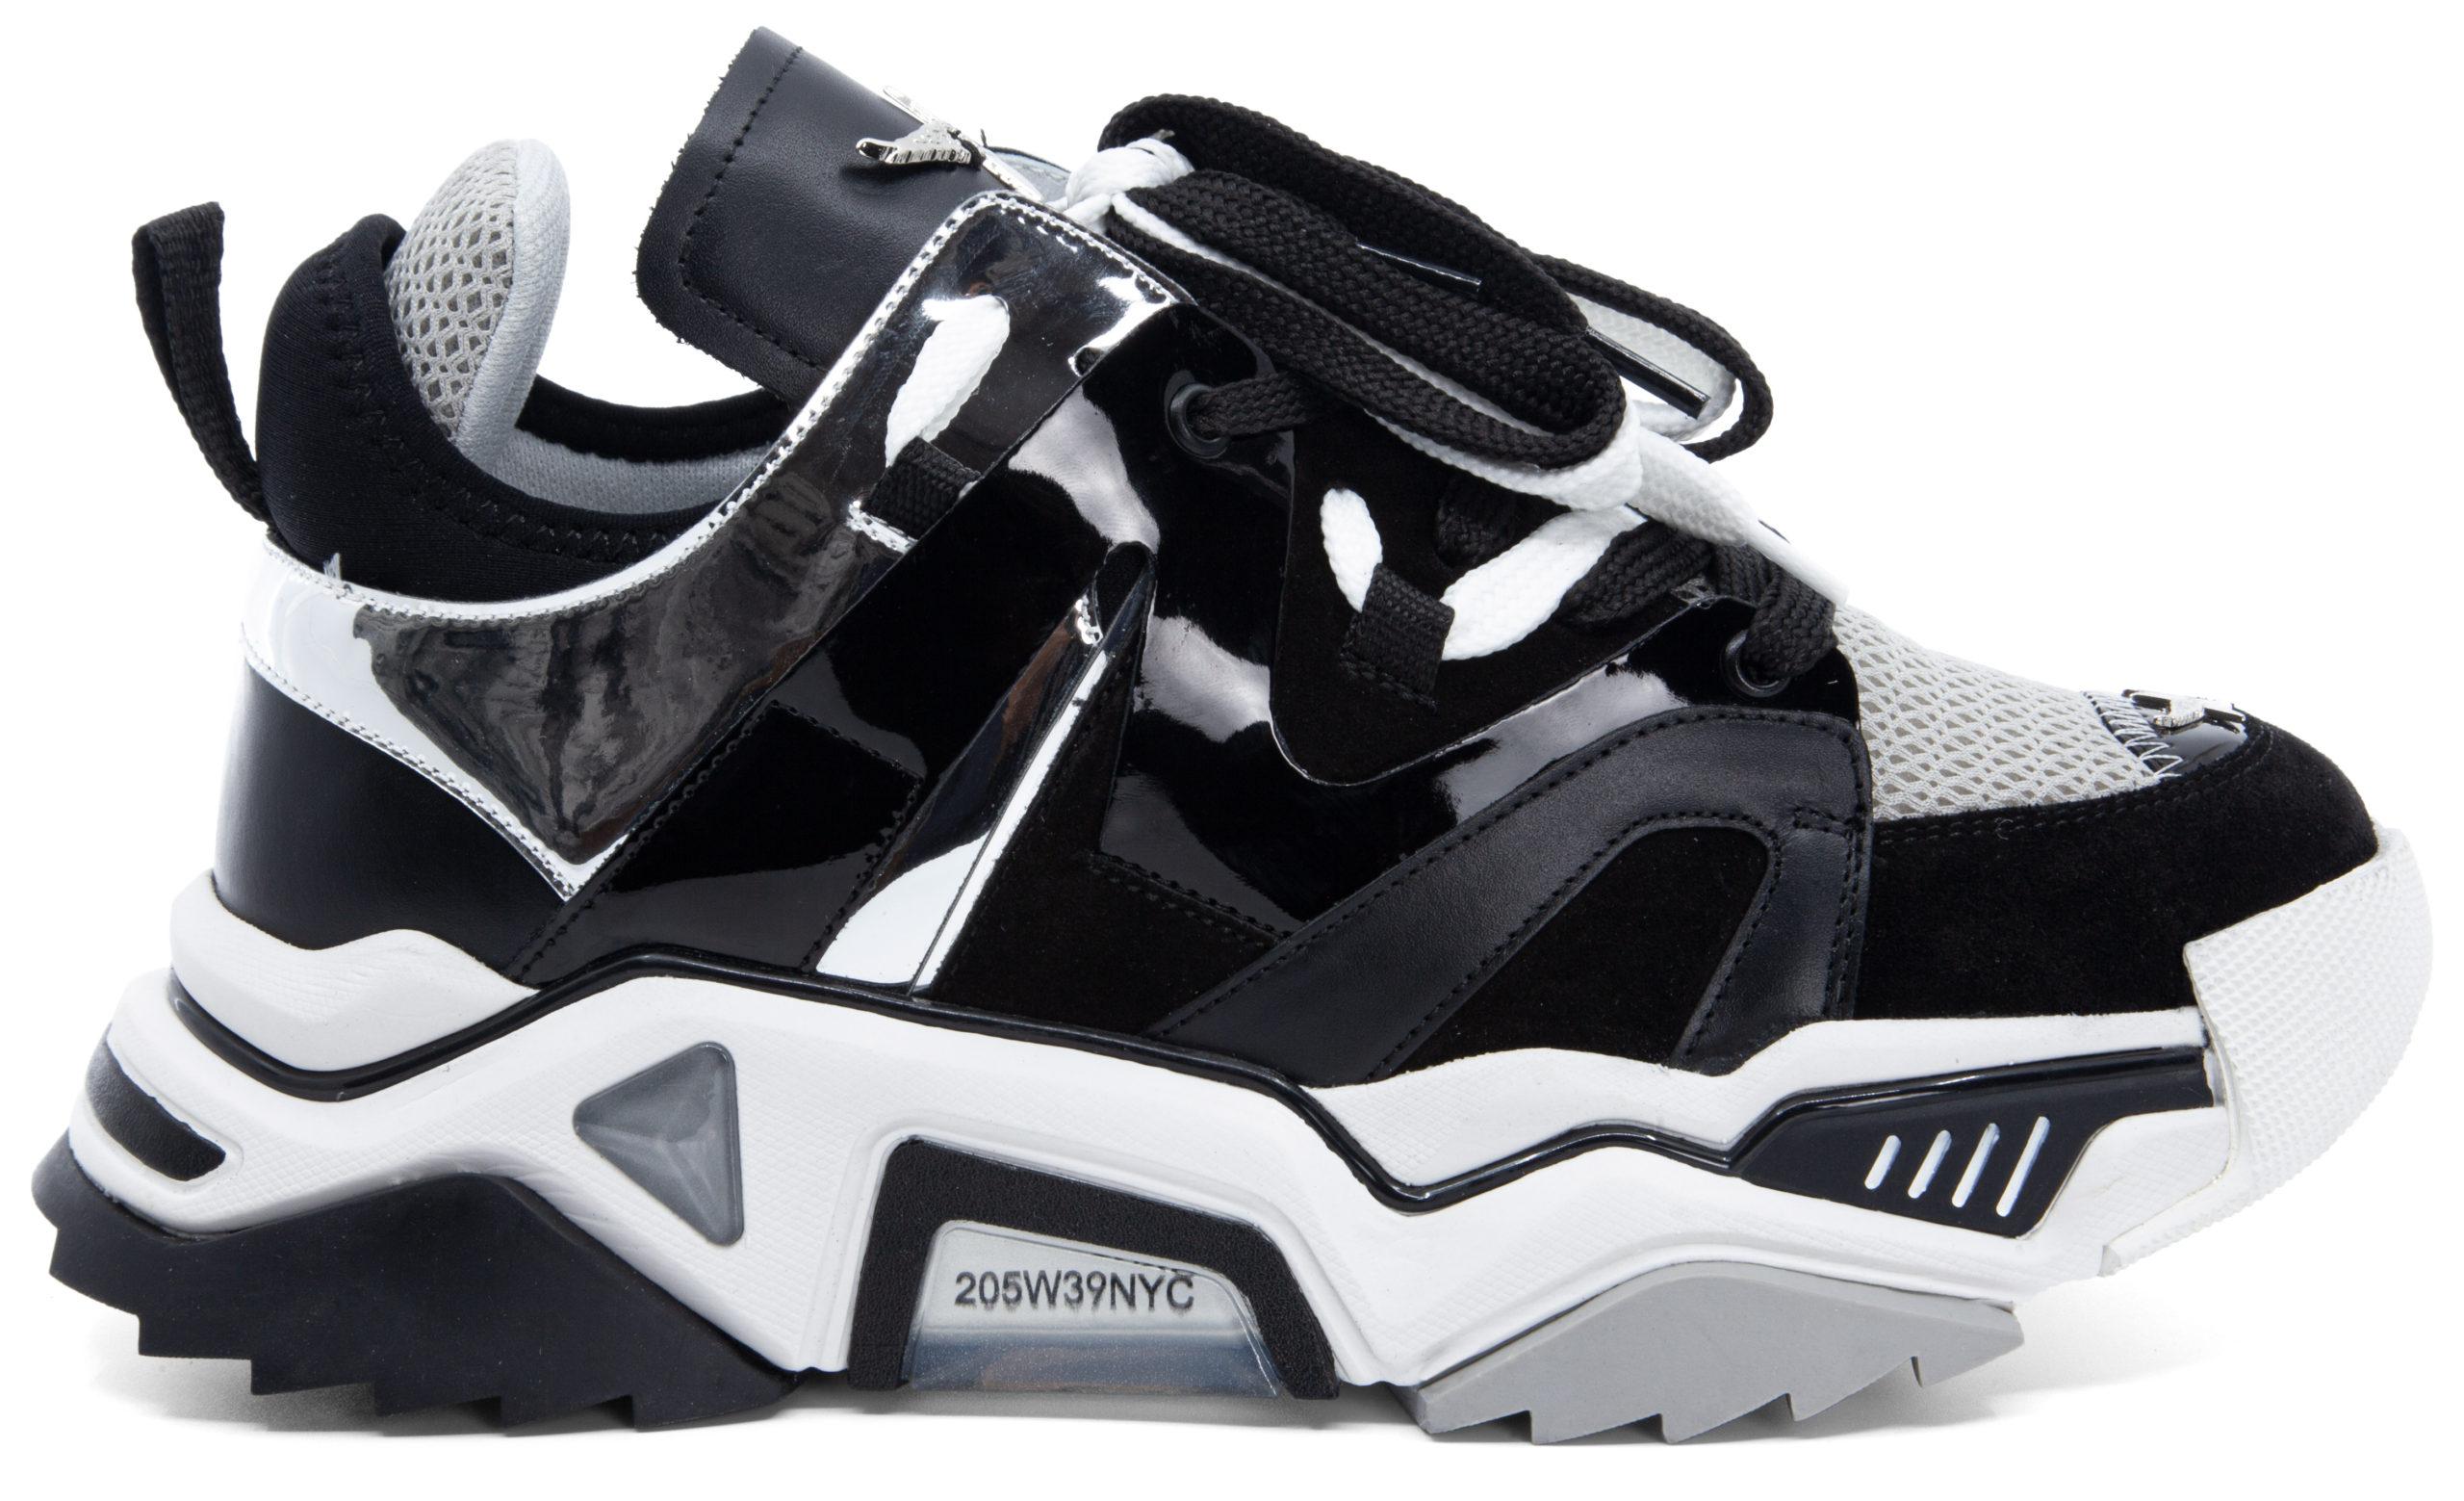 LOIE 'nin Yepyeni Sneaker'ları Bahar Kombinlerinizi Tamamlayacak